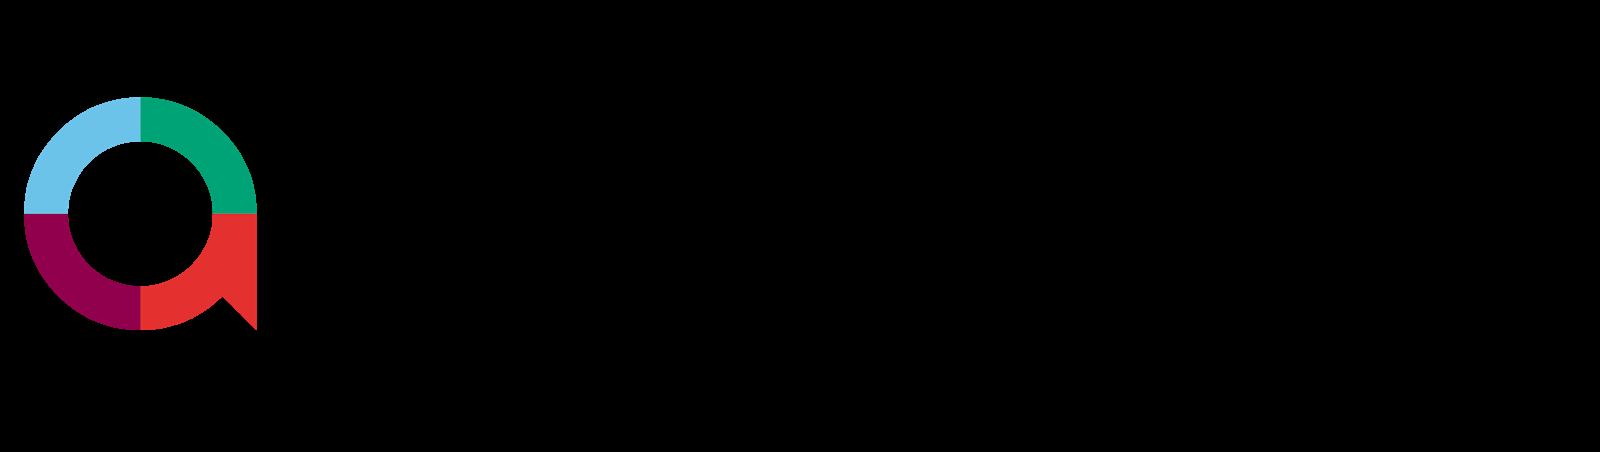 Agorize logo